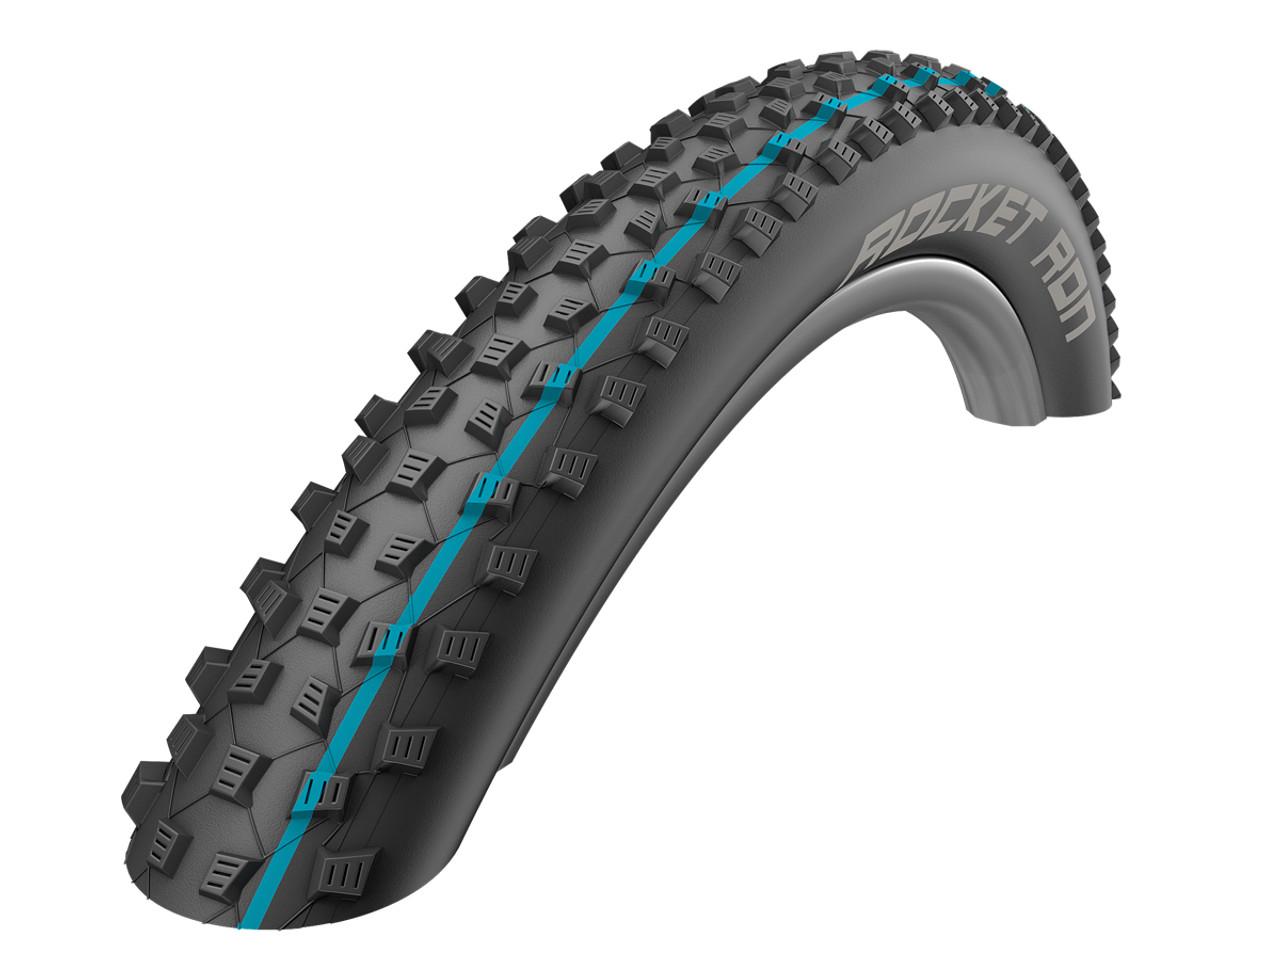 Schwalbe Addix Rocket Ron Evo SpeedGrip SnakeSkin TLR Folding Tyre 27.5 x 3.00